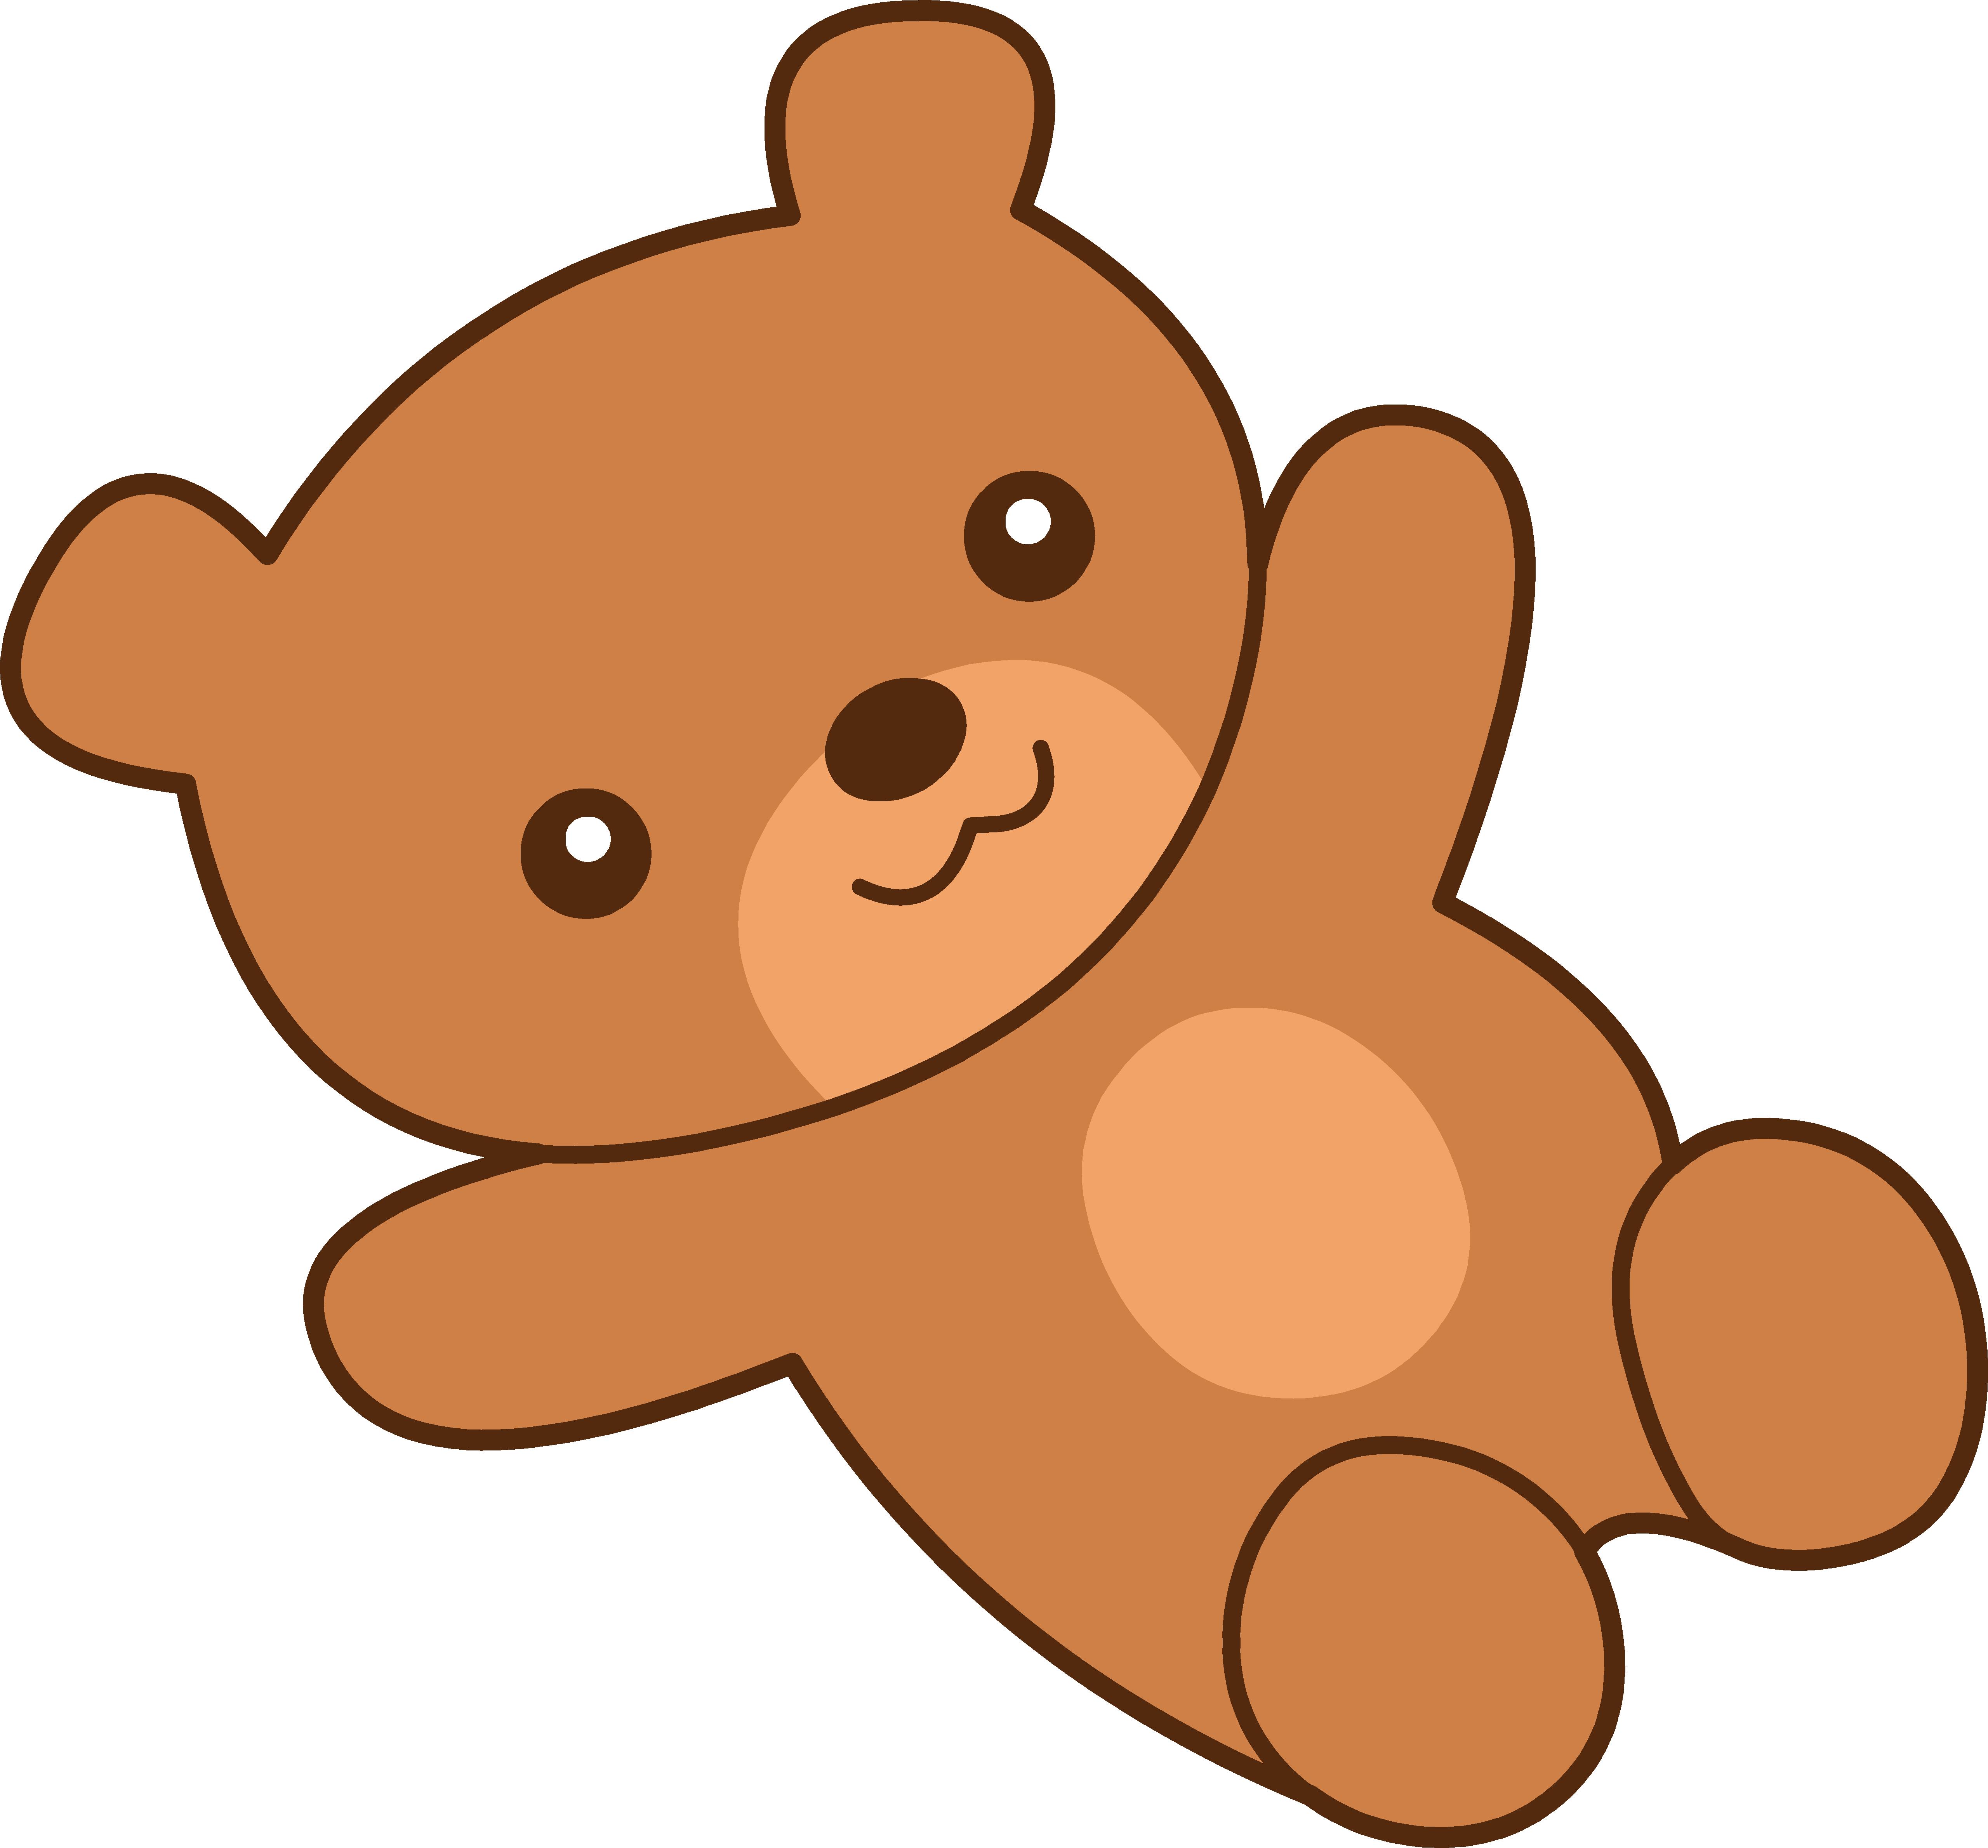 5120x4760 Cute Brown Teddy Bear Clipart